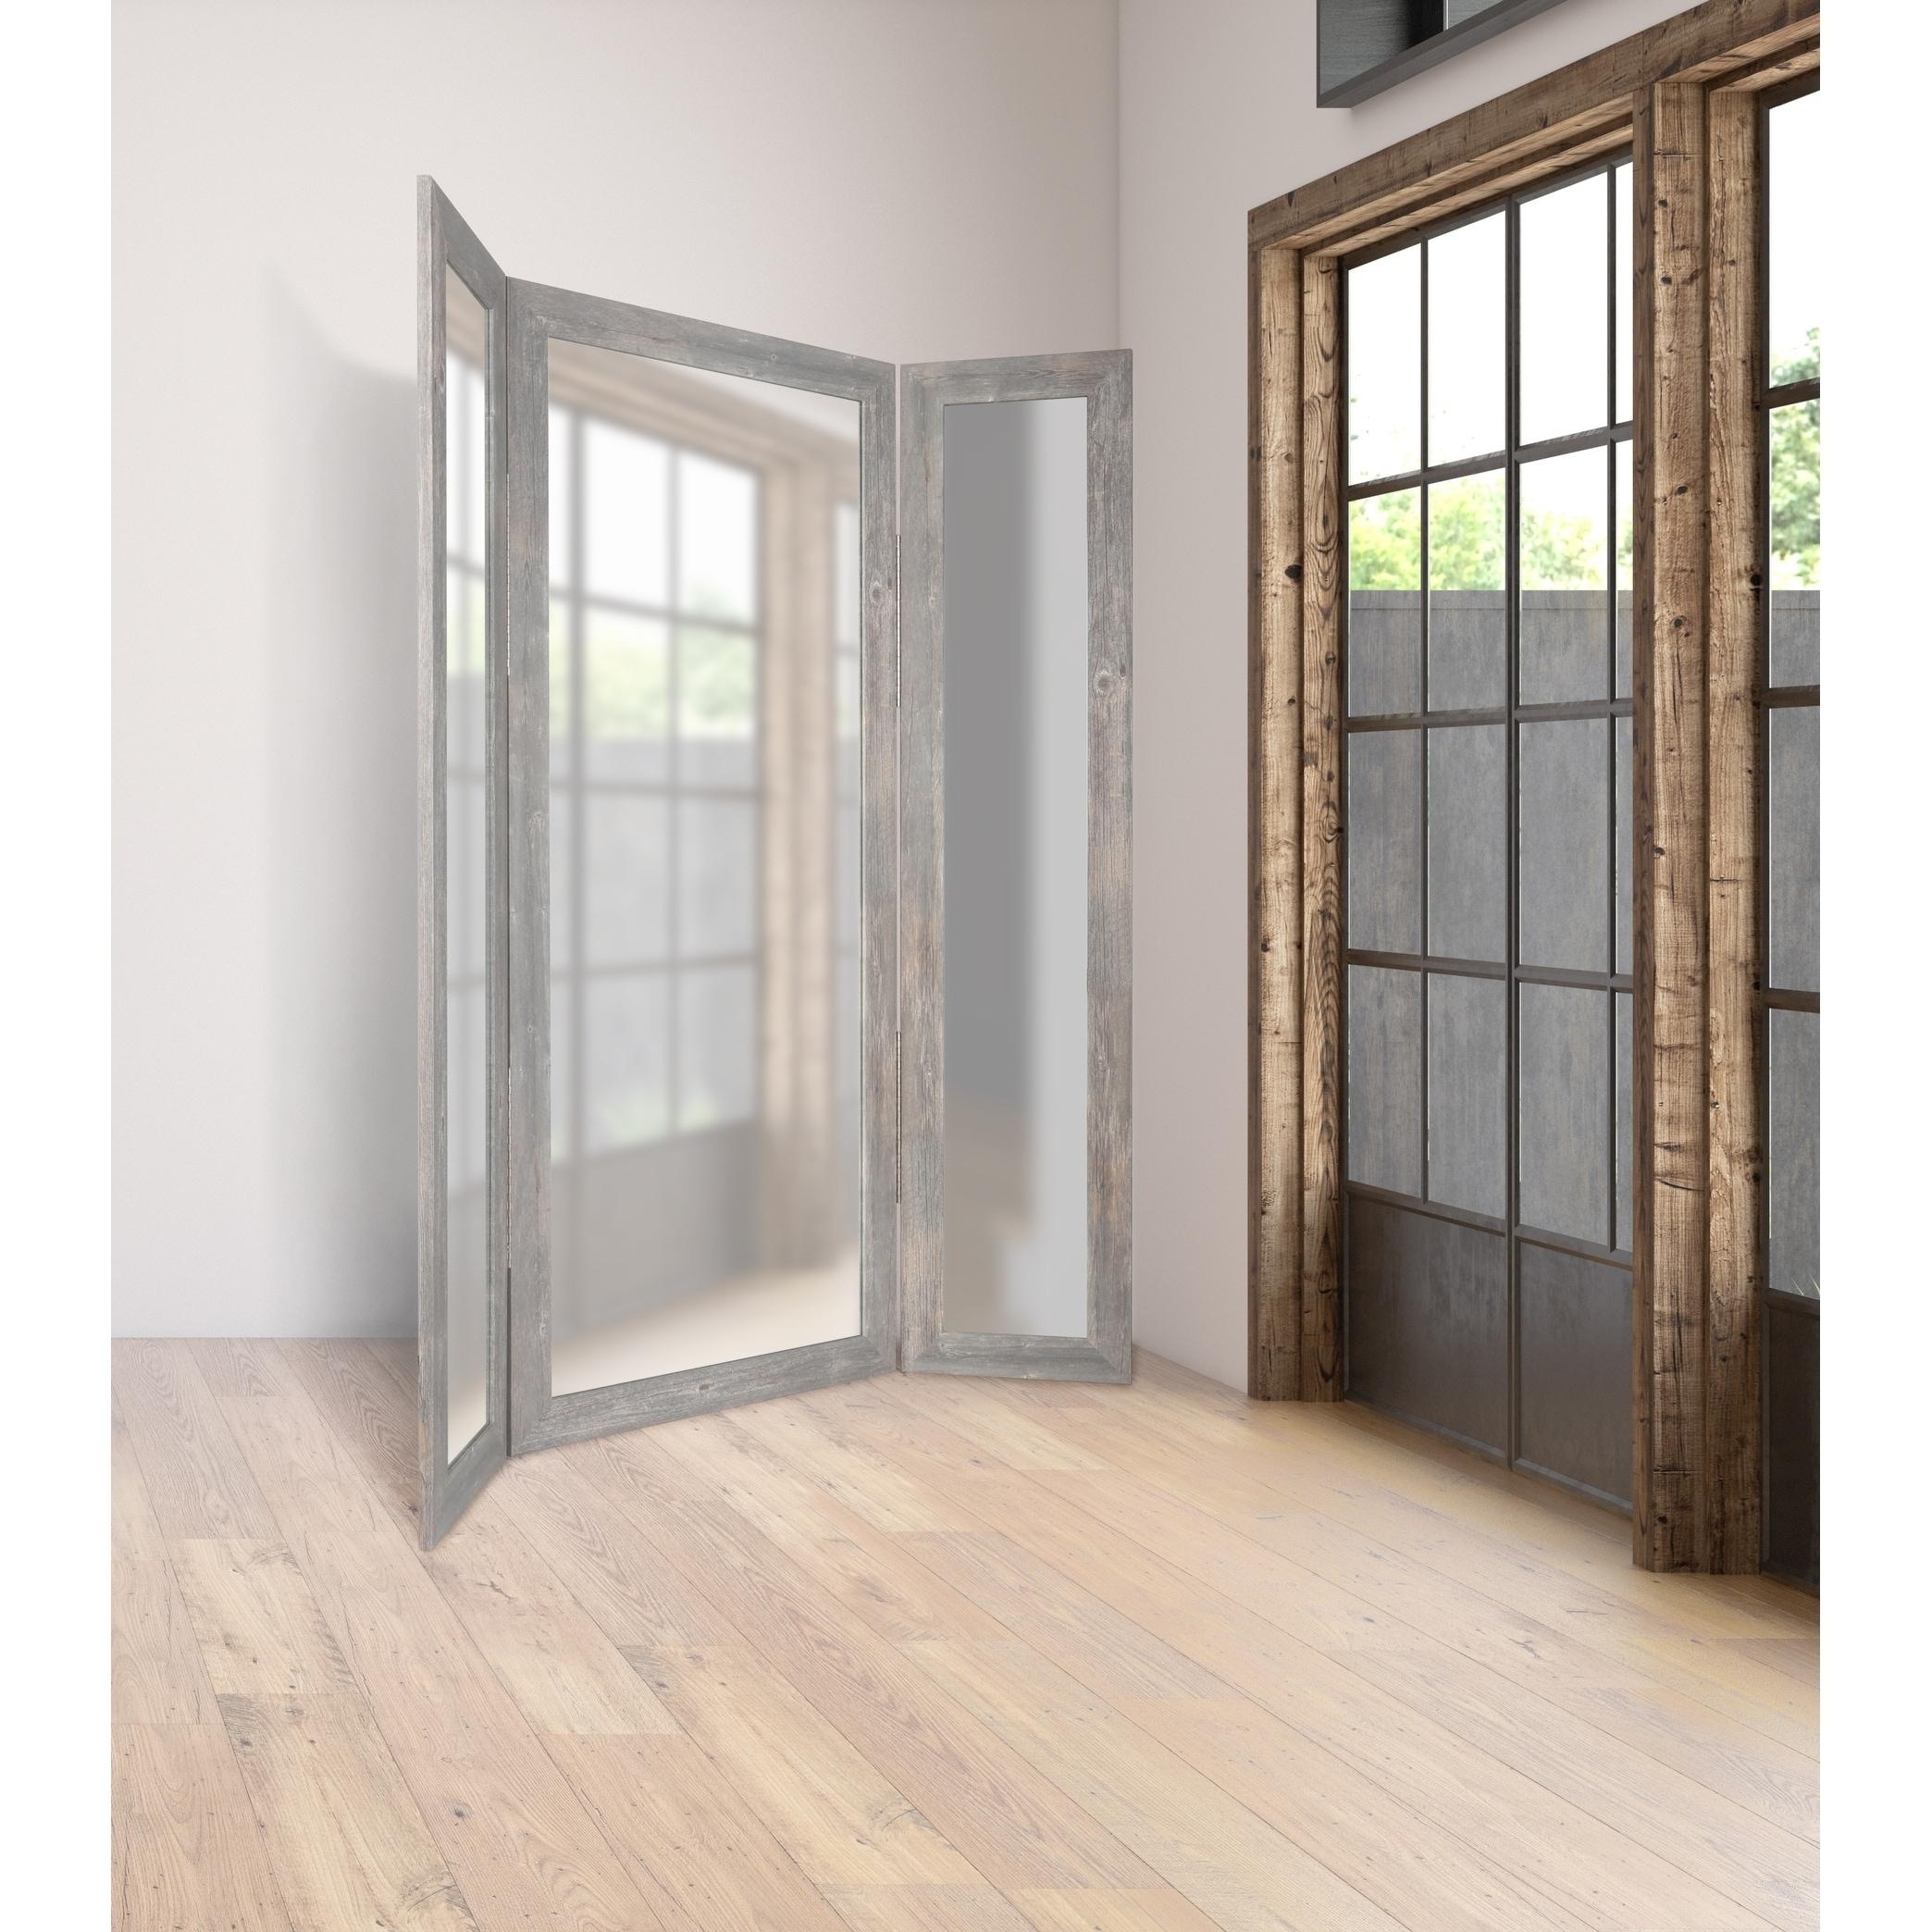 Modern Farmhouse Grey Barnwood Tri Fold Dressing Mirror Free Shipping Today 25416263